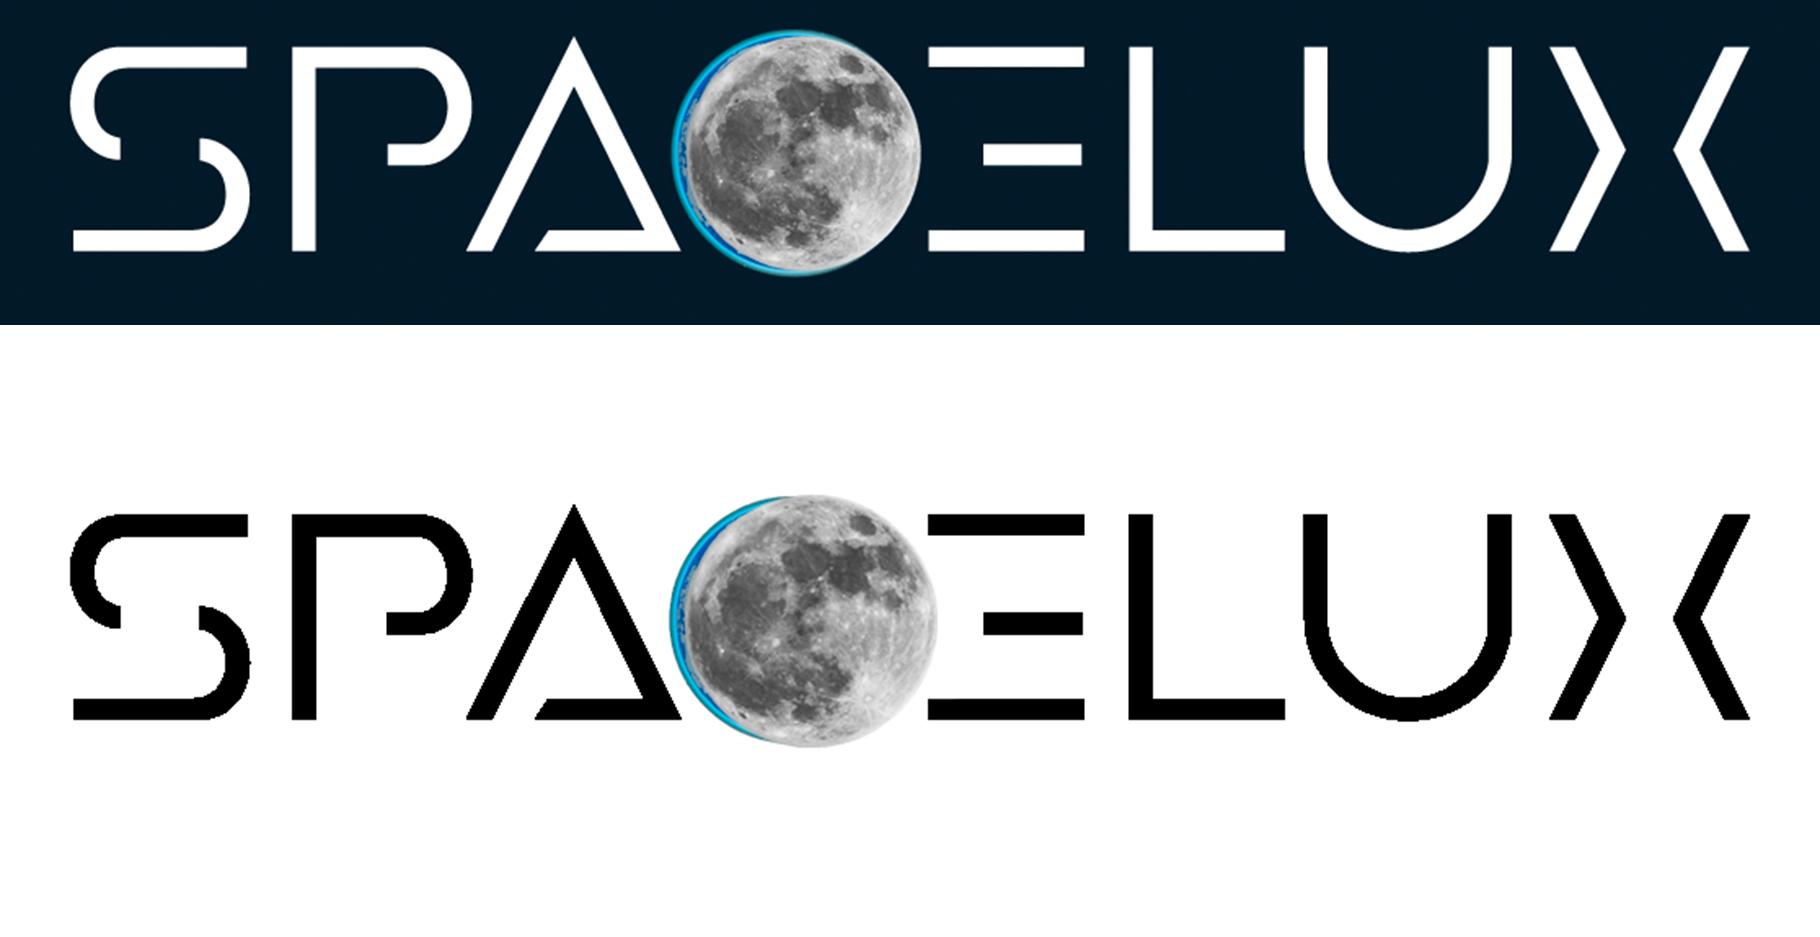 Spacelux logos